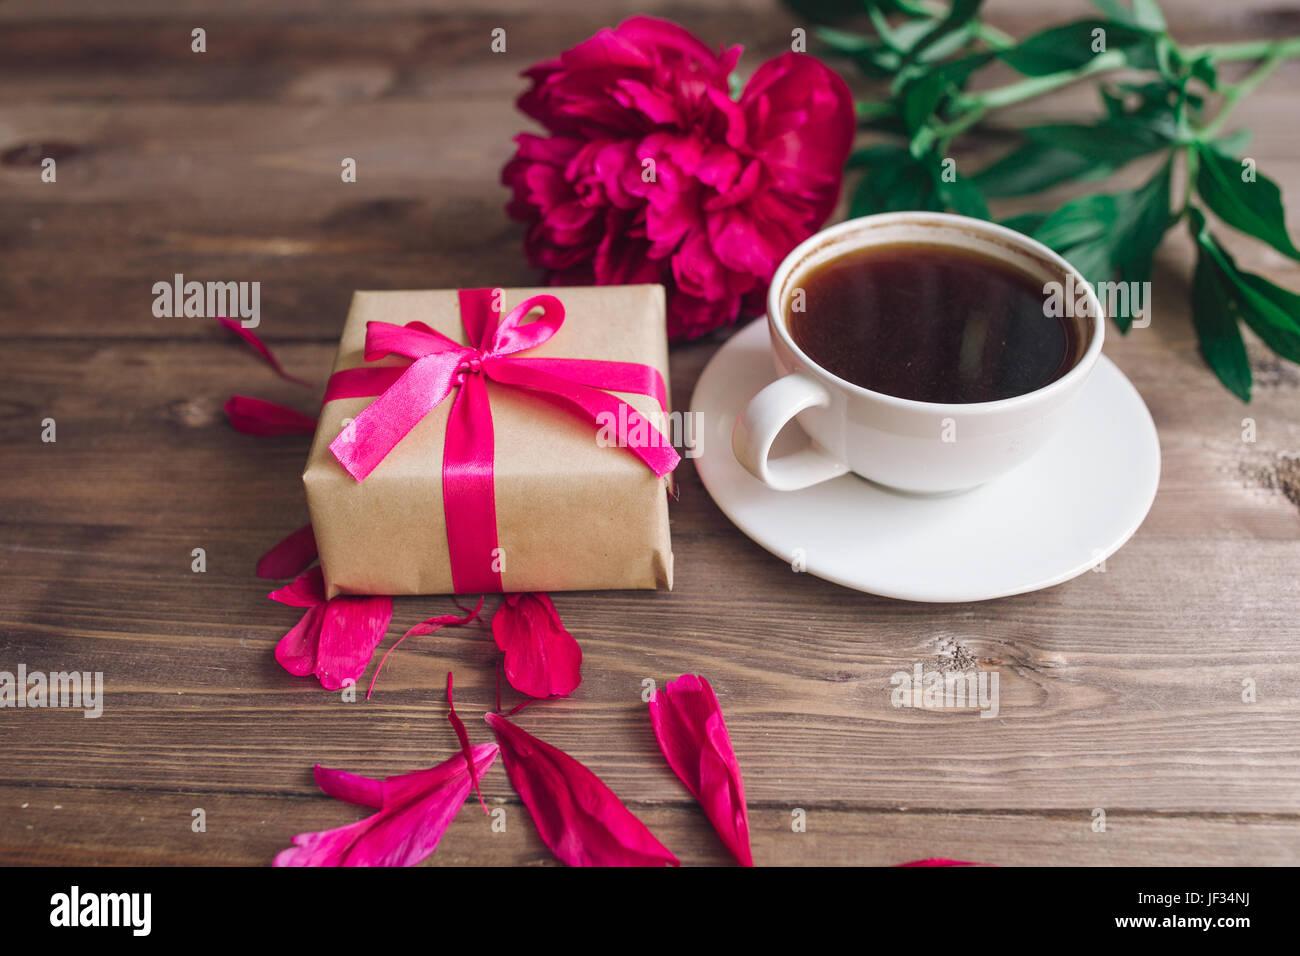 Eine Tasse Kaffee Rote Pfingstrosen Muster Und Geschenk Box